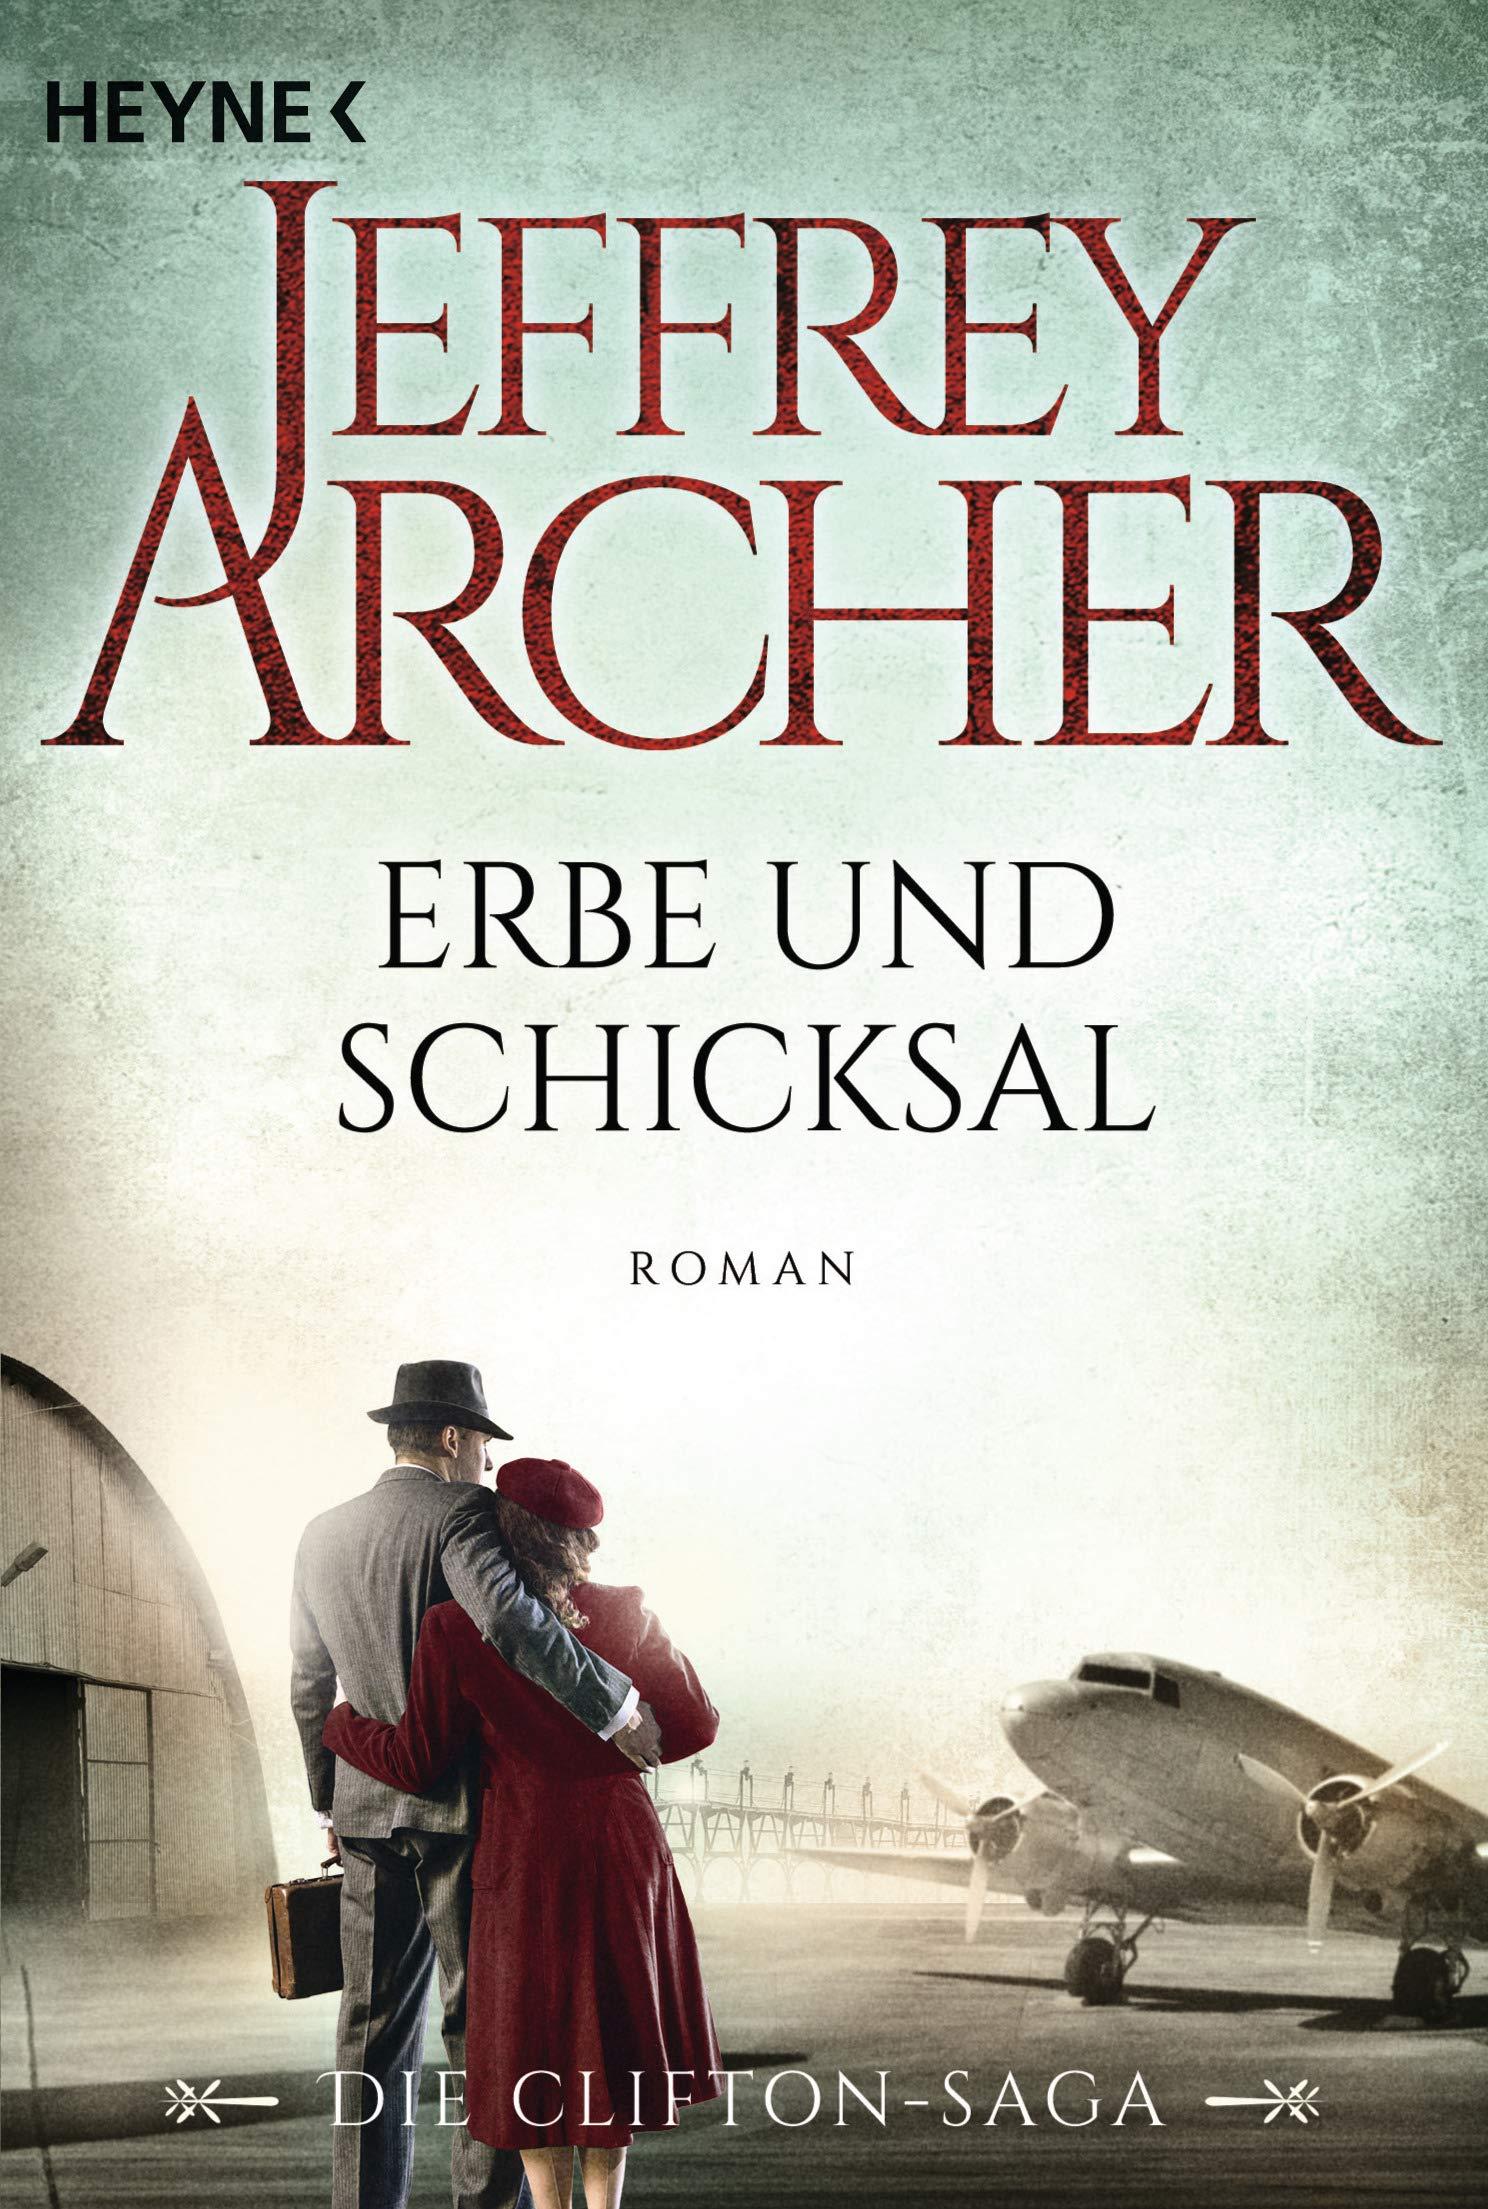 Erbe und schicksal die clifton saga 3 roman amazon de jeffrey archer martin ruf bã¼cher